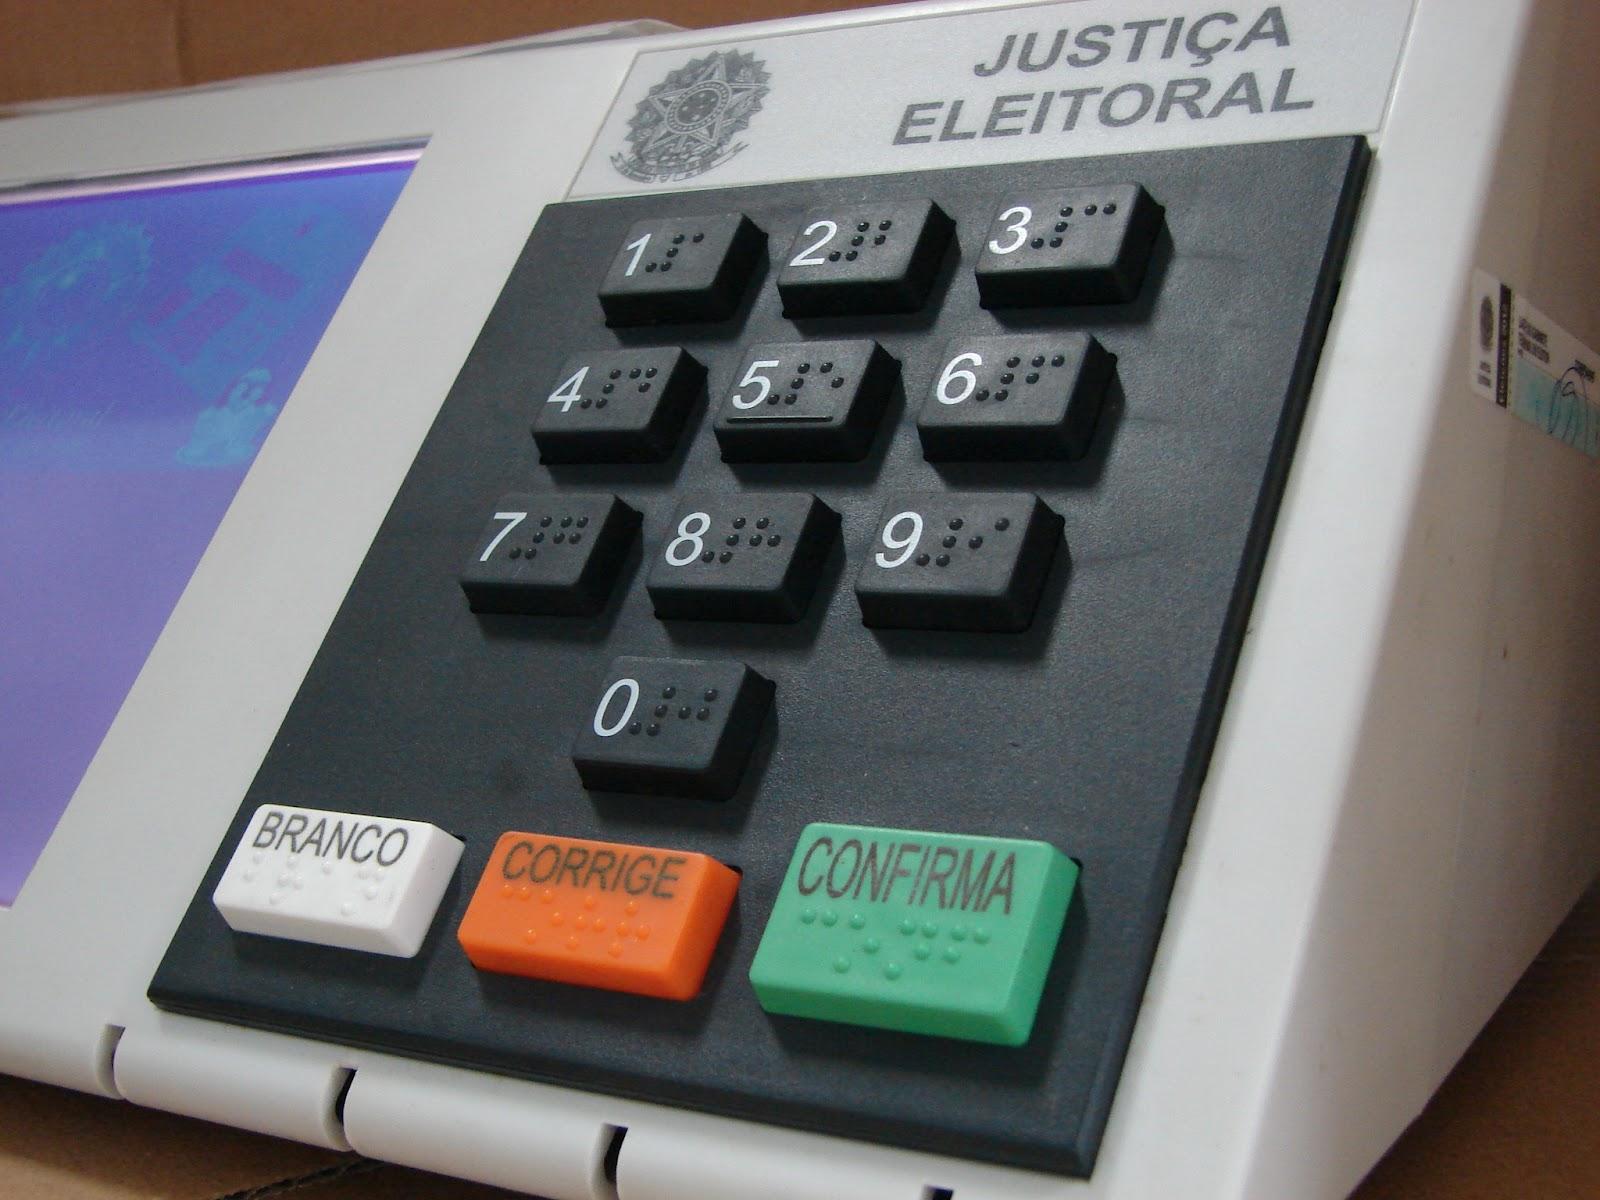 Imagem de TSE pretende publicar código-fonte da urna eletrônica na internet no tecmundo